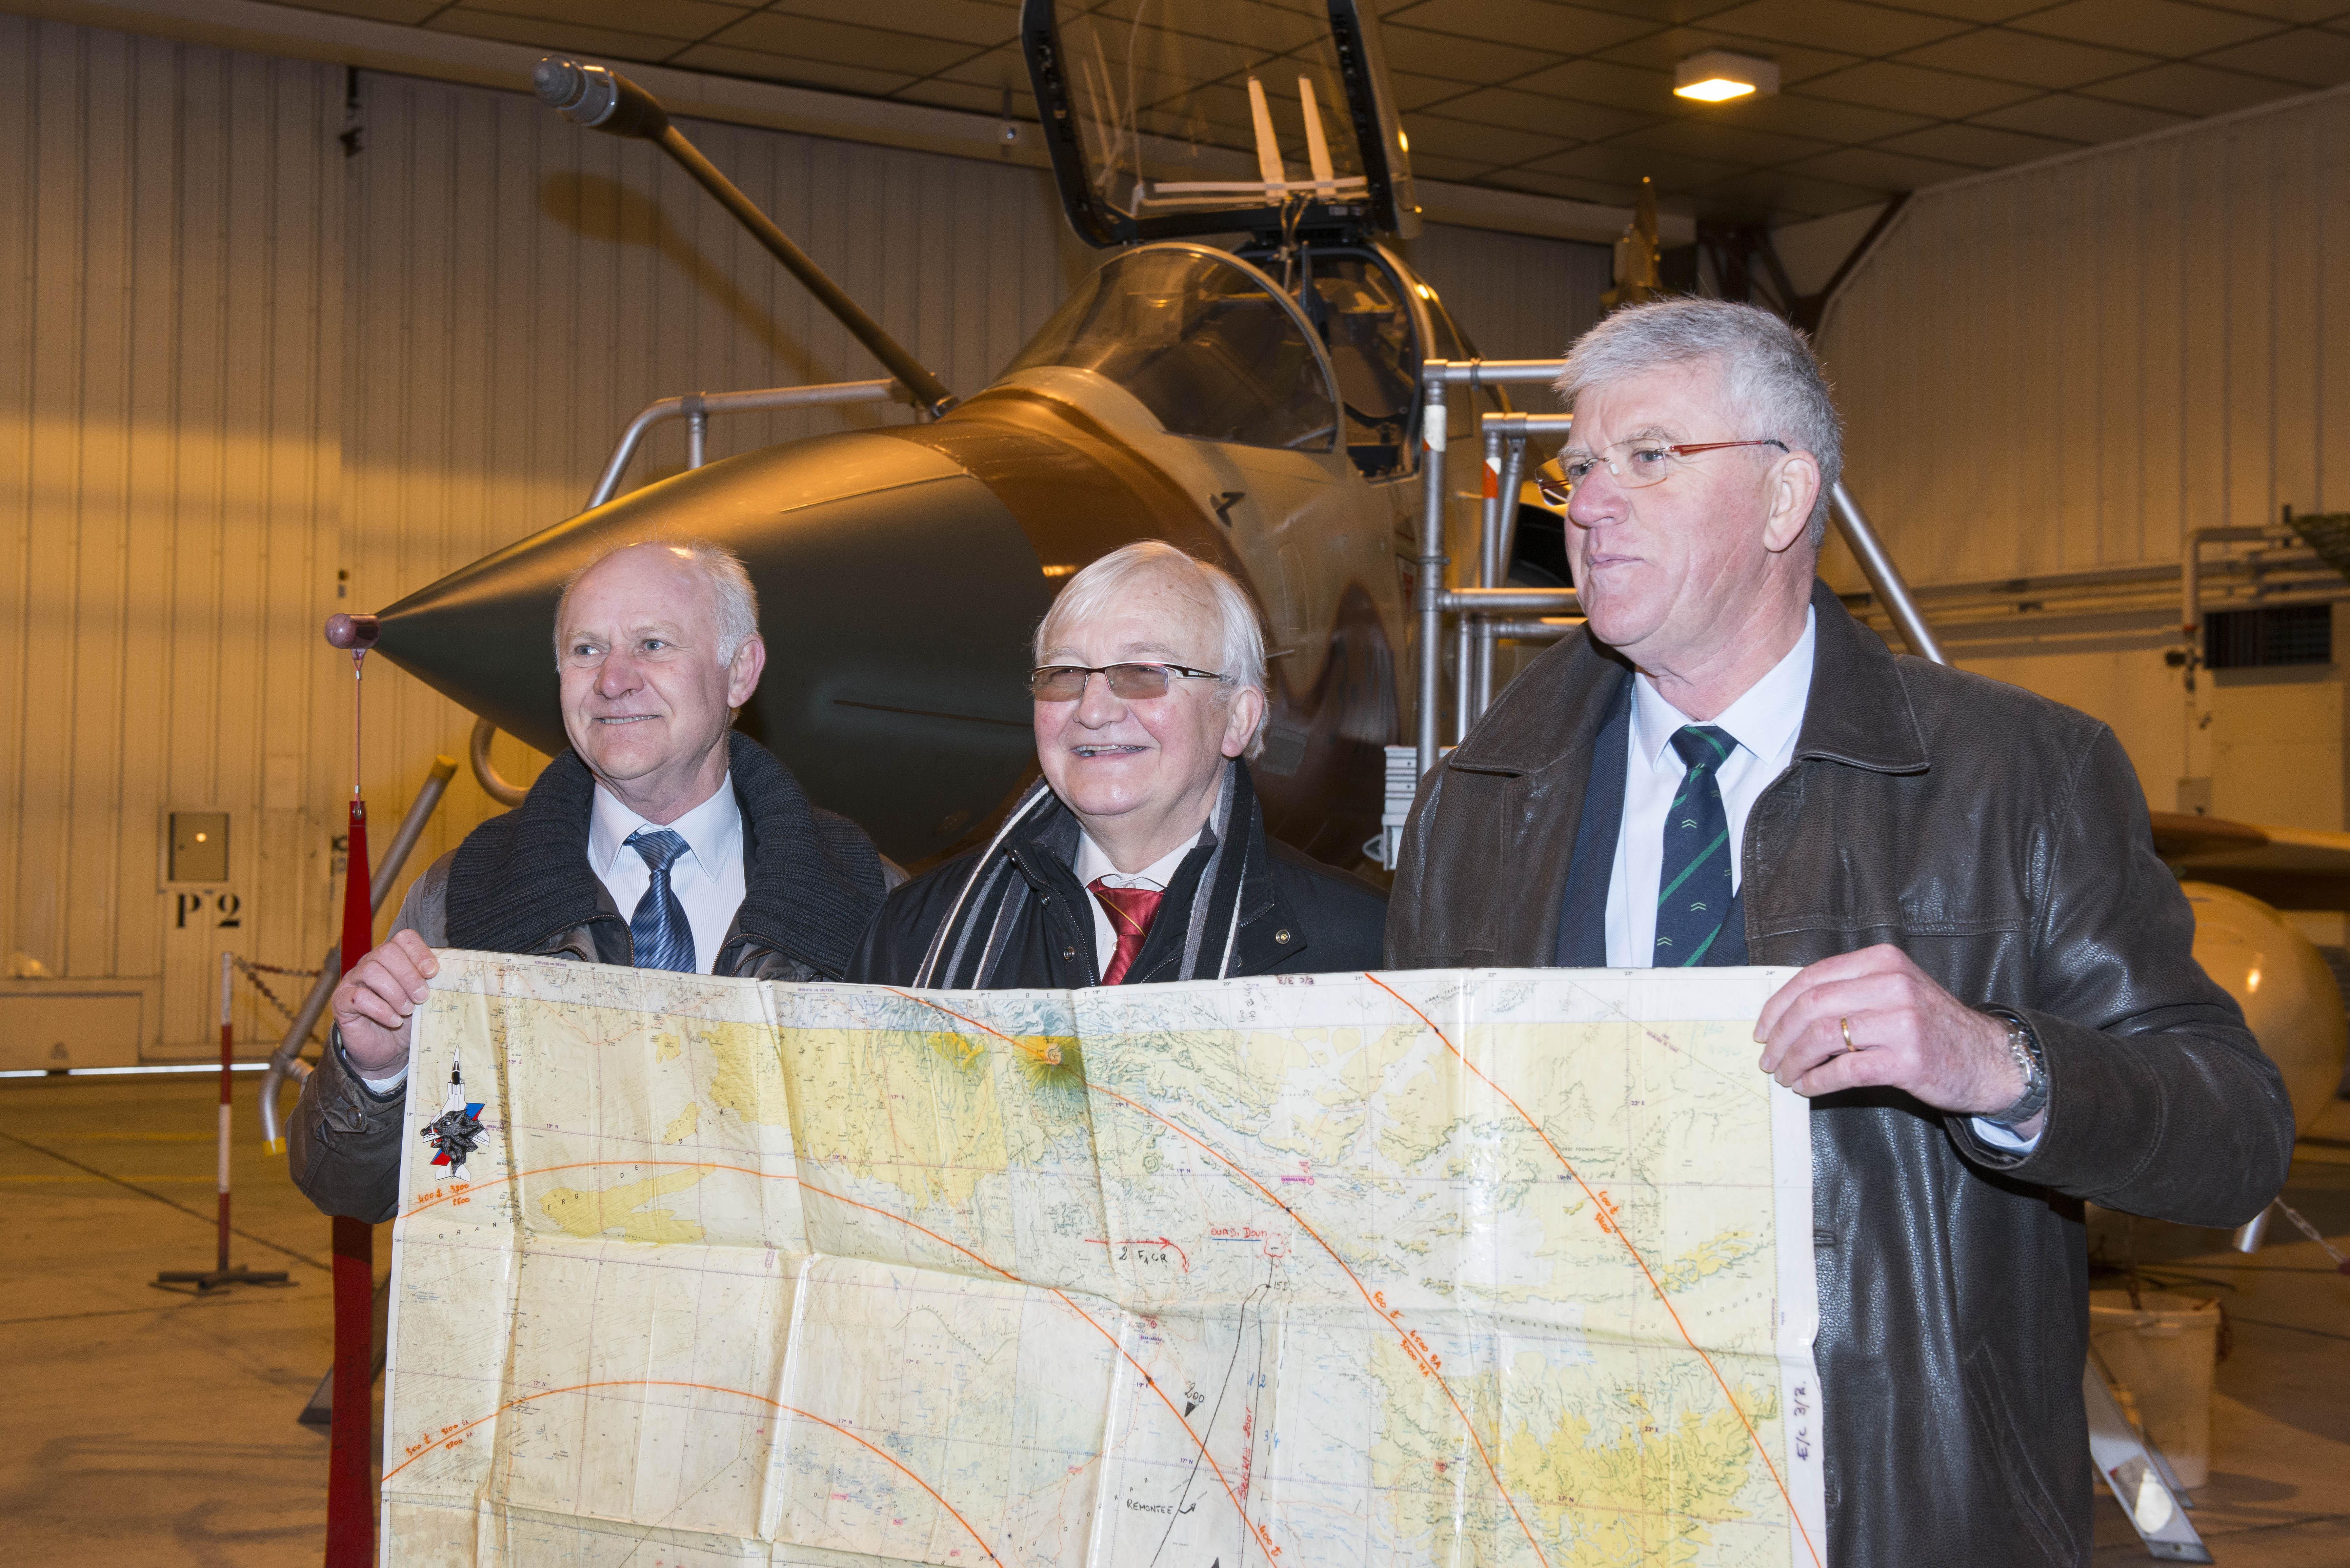 """De gauche à droite: Guy Wurtz (""""Guitou"""", Ltt qui a tiré), GBA (2S) Yvon Goutx (""""Minet"""", Cdt à l'époque et patron du 1/33 """"Belfort""""et leader des """"Chèvres""""), J.-P. Saussier (""""Sausback"""", Cne à l'époque, un des 4 Jaguar). Photo copyright Louise Guillout - Armée de l'Air - Défense"""